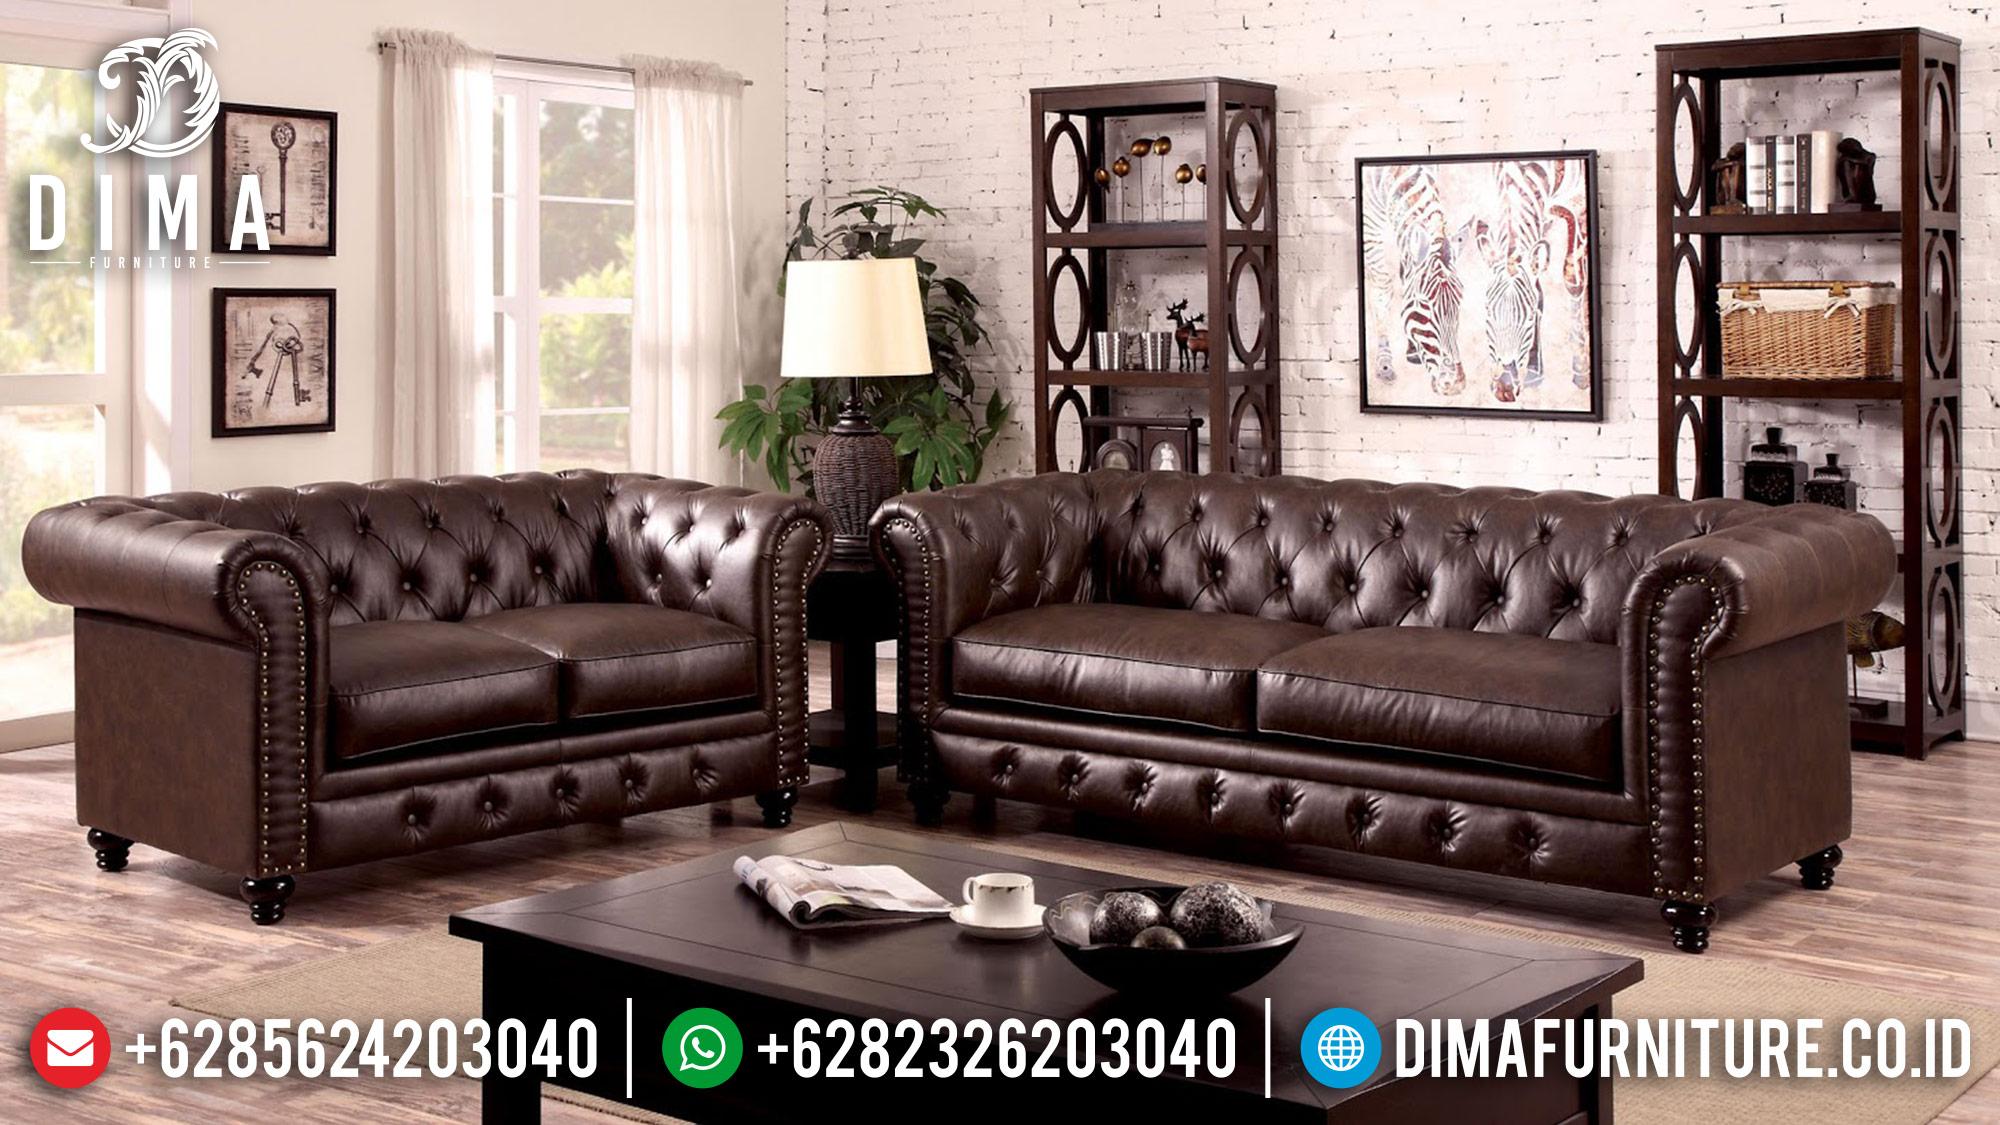 Sofa Tamu Mewah Terbaru, Kursi Tamu Mewah Jepara, Sofa Terbaru Minimalis DF-0478